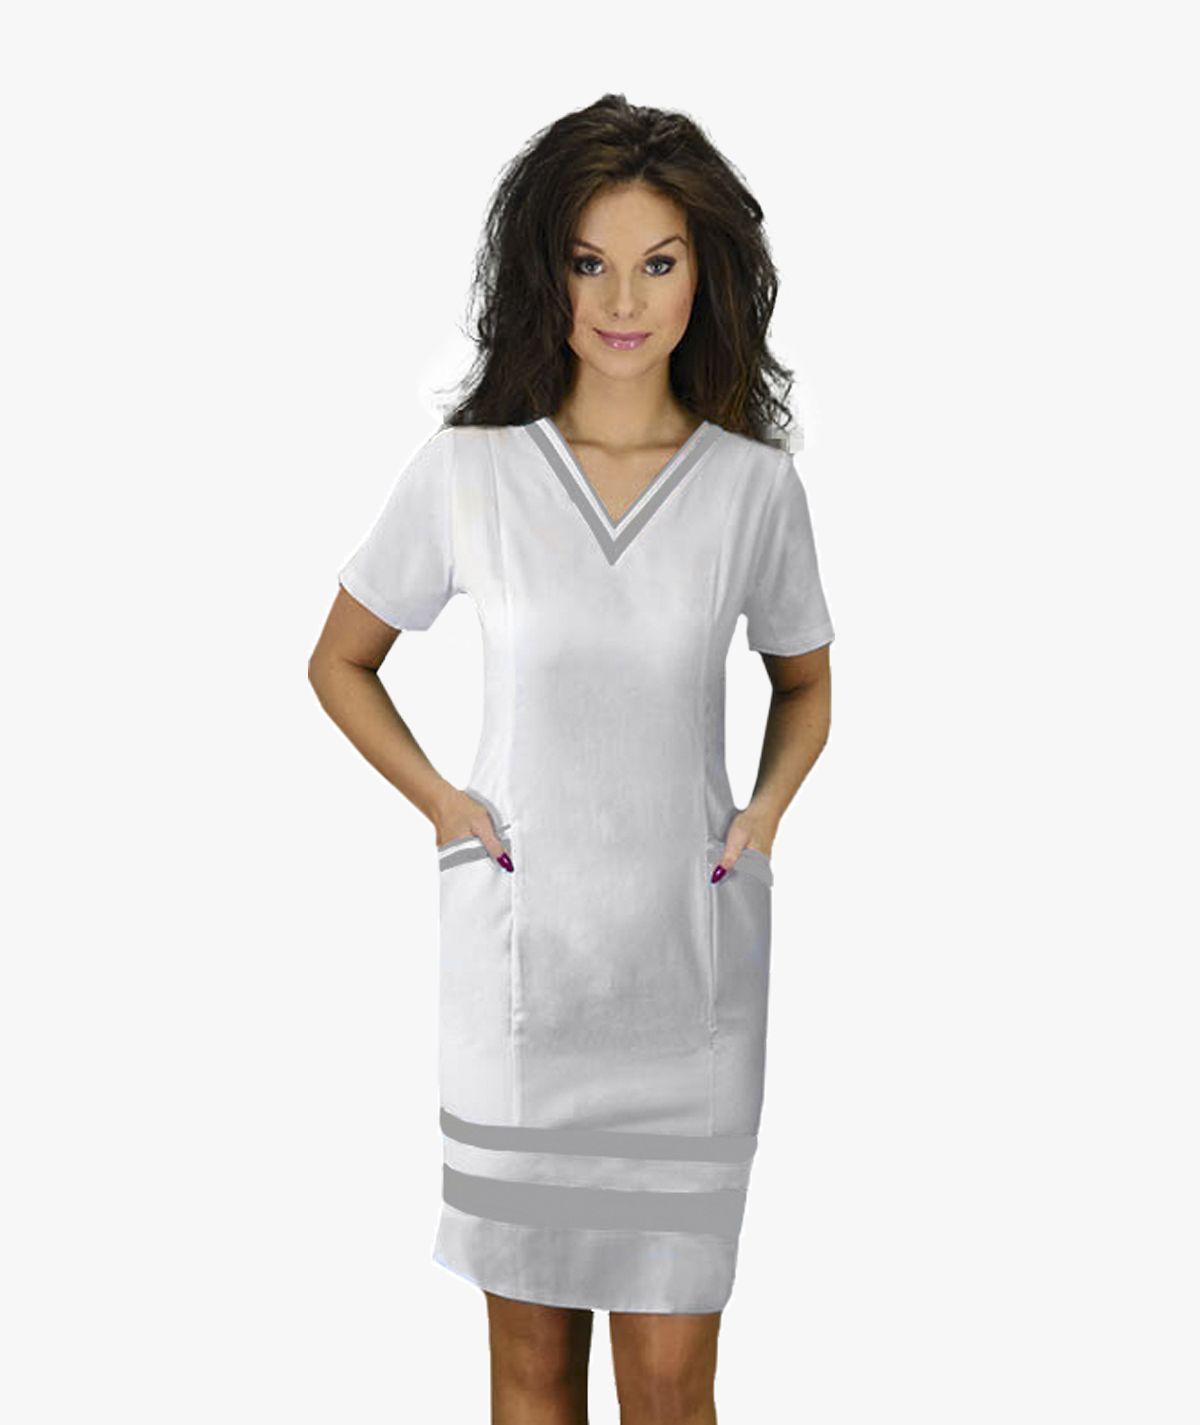 Biała sukienka medyczna Maja